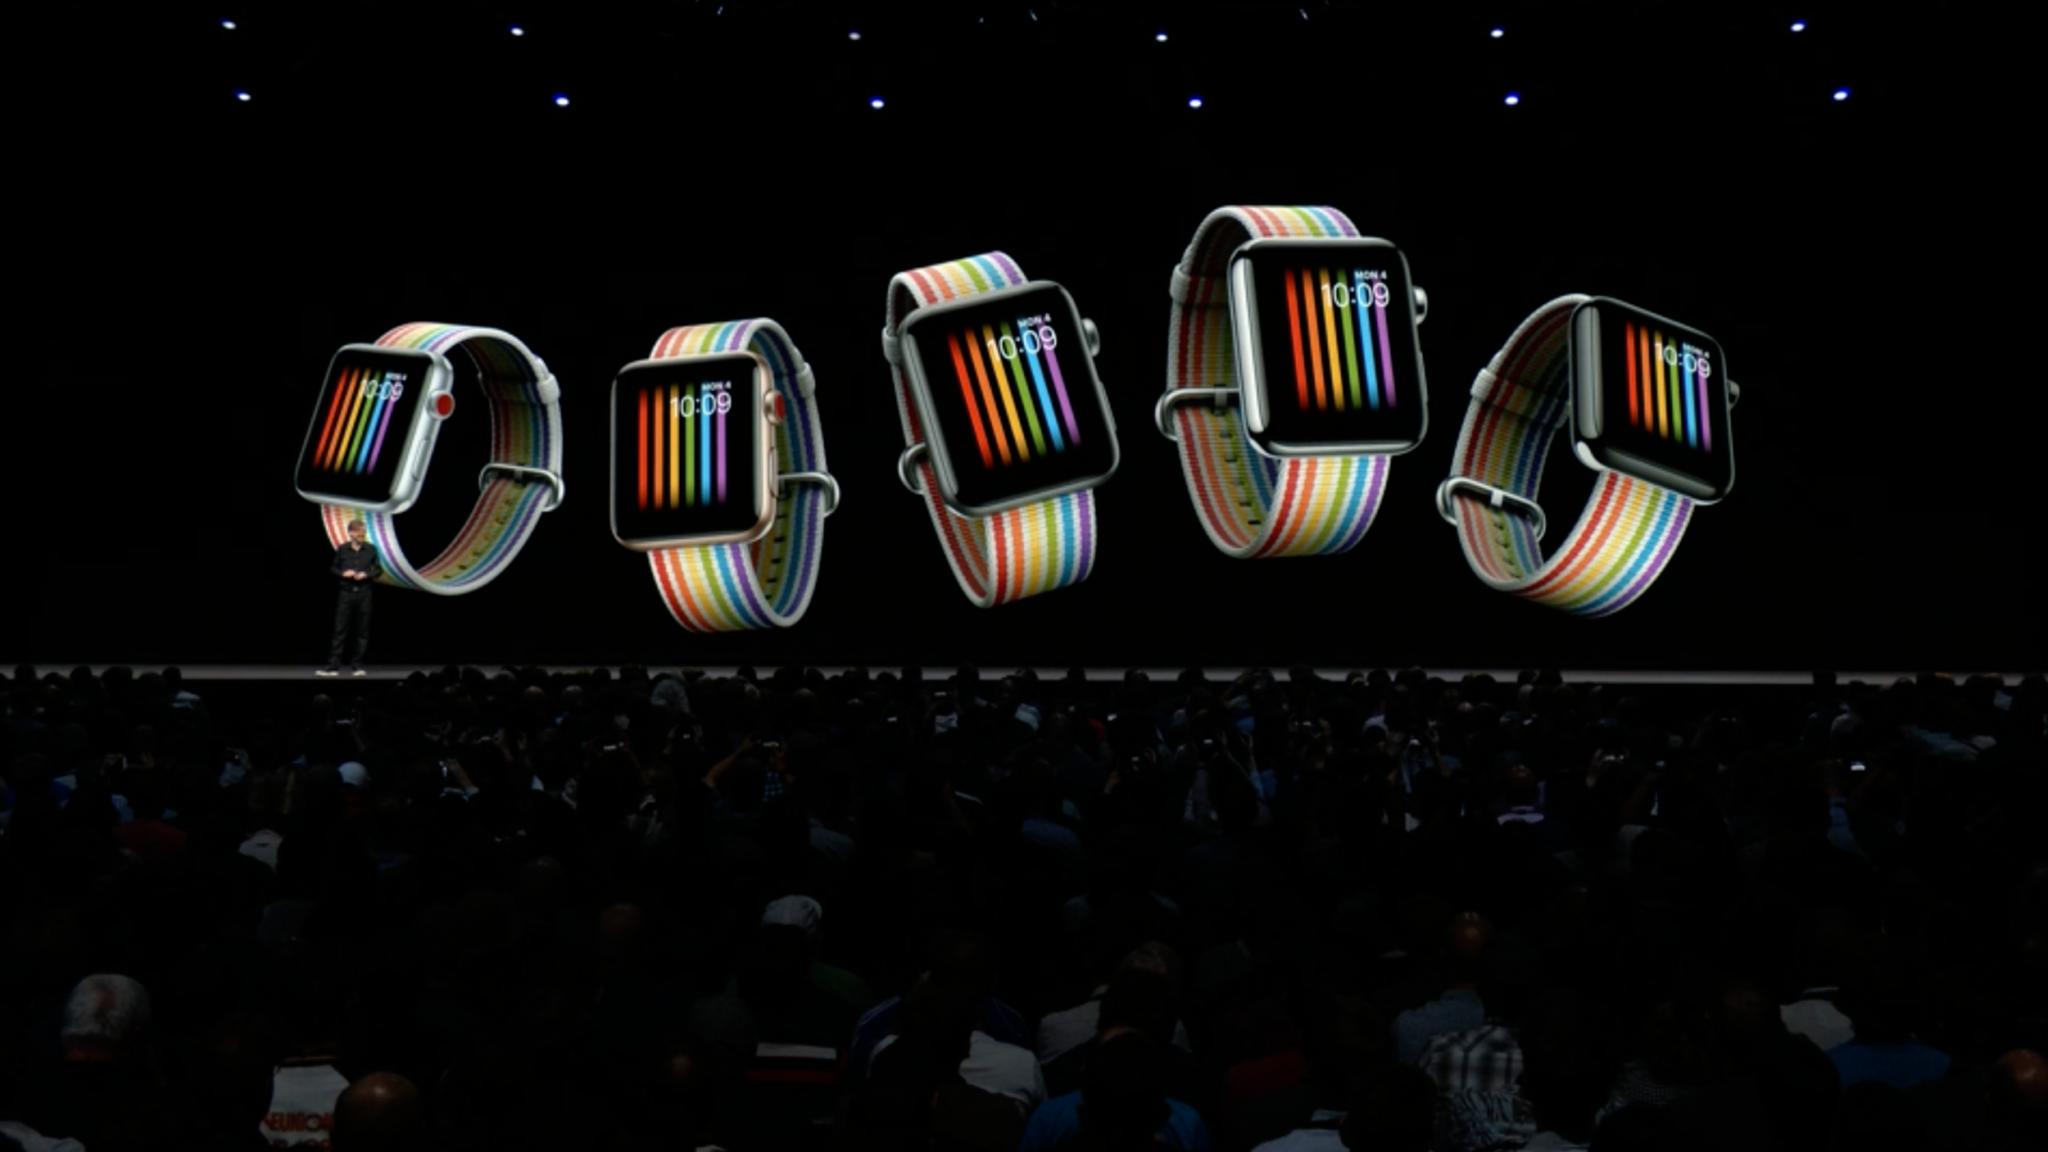 WWDC 2018: veškeré novinky v novém watchOS 5, Apple Watch 1. gen. nejsou podporovány